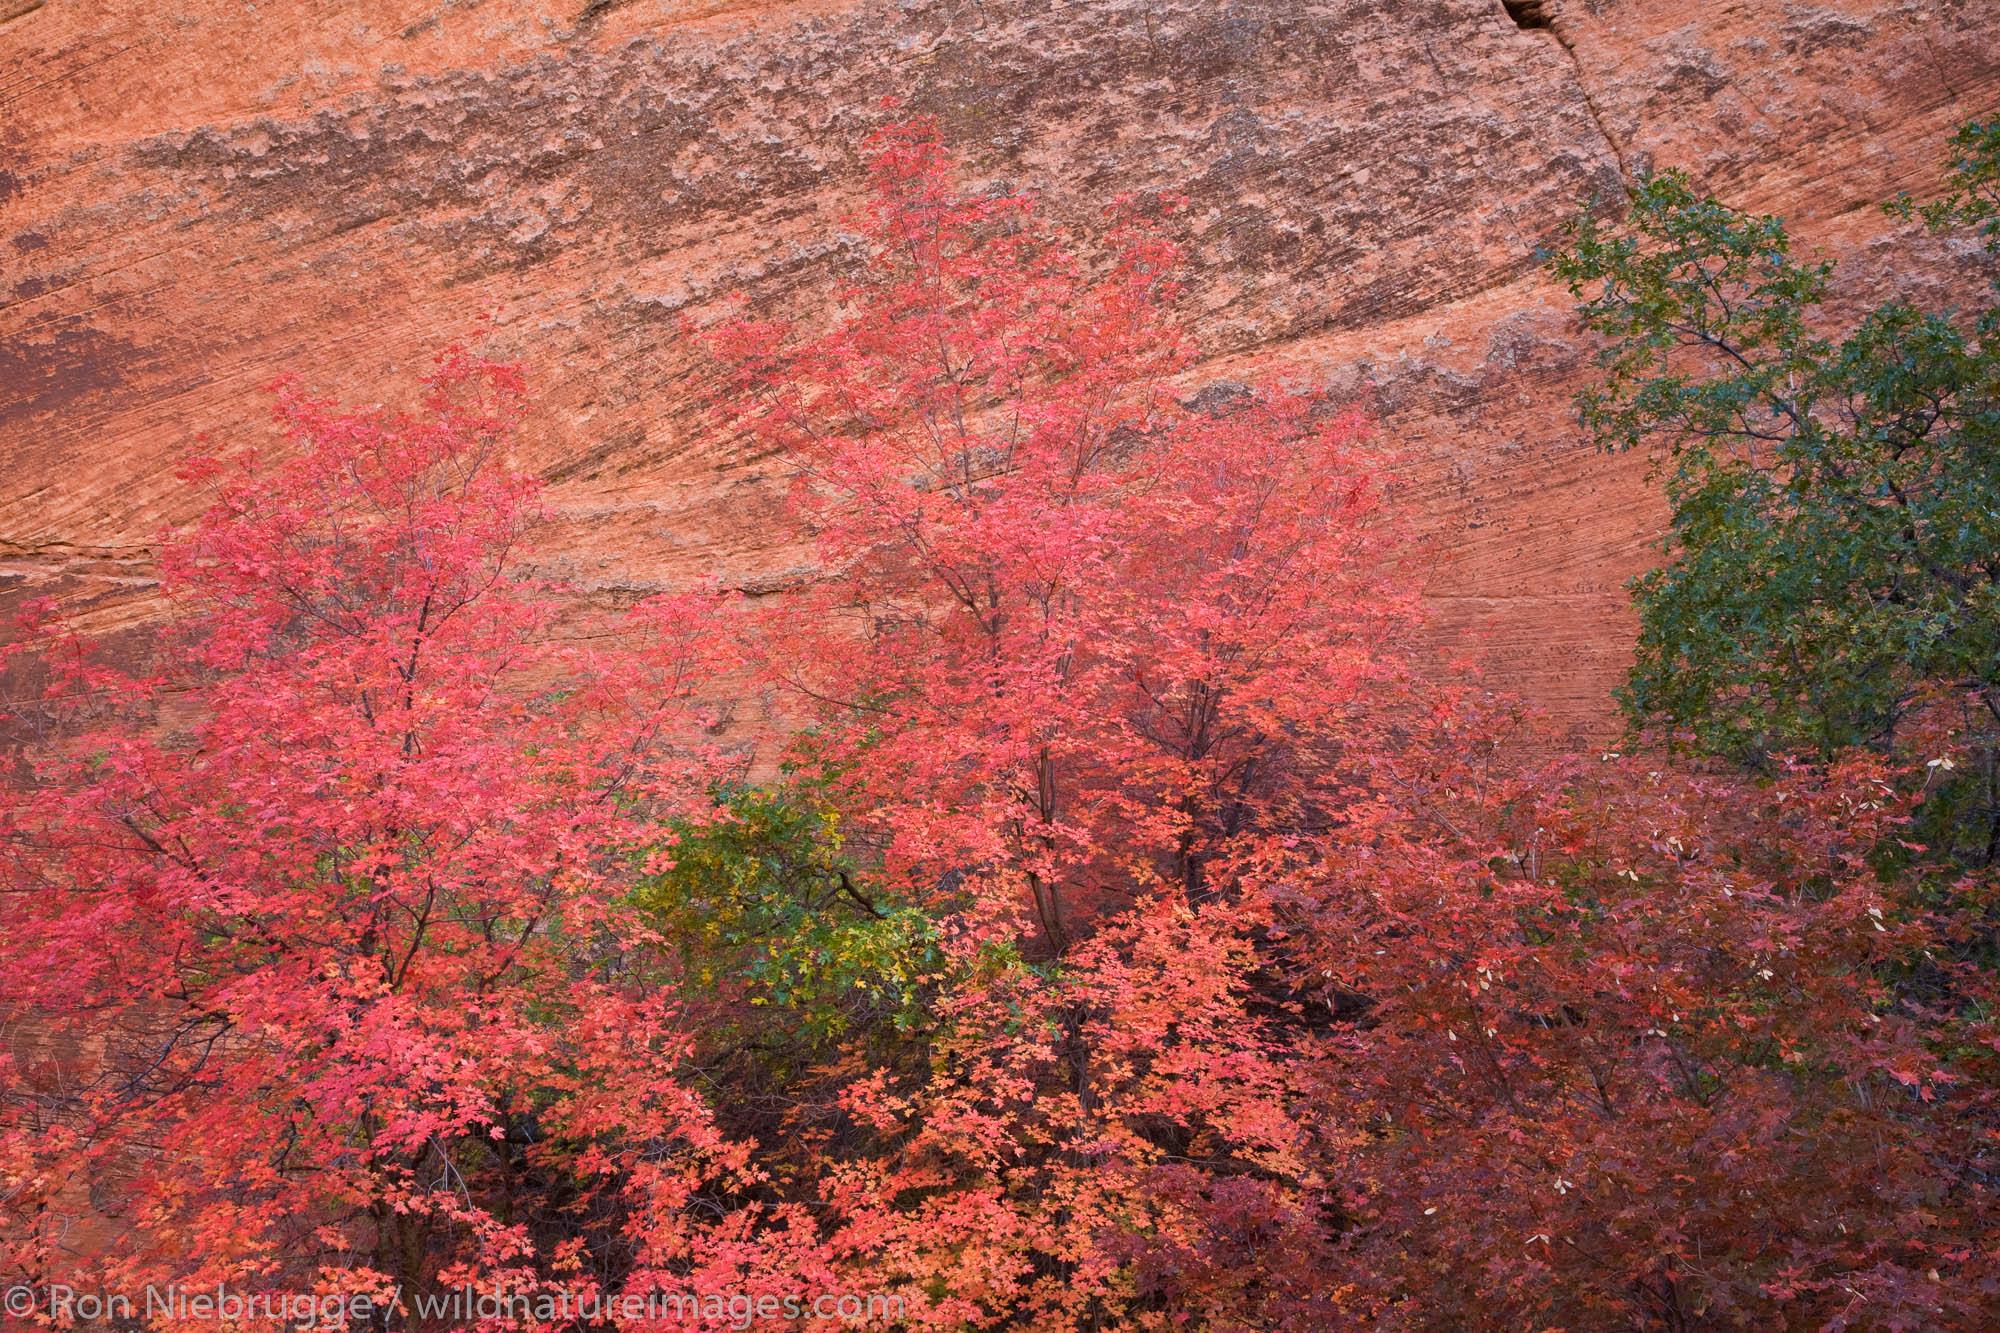 Autumn colors, Zion National Park, Utah.